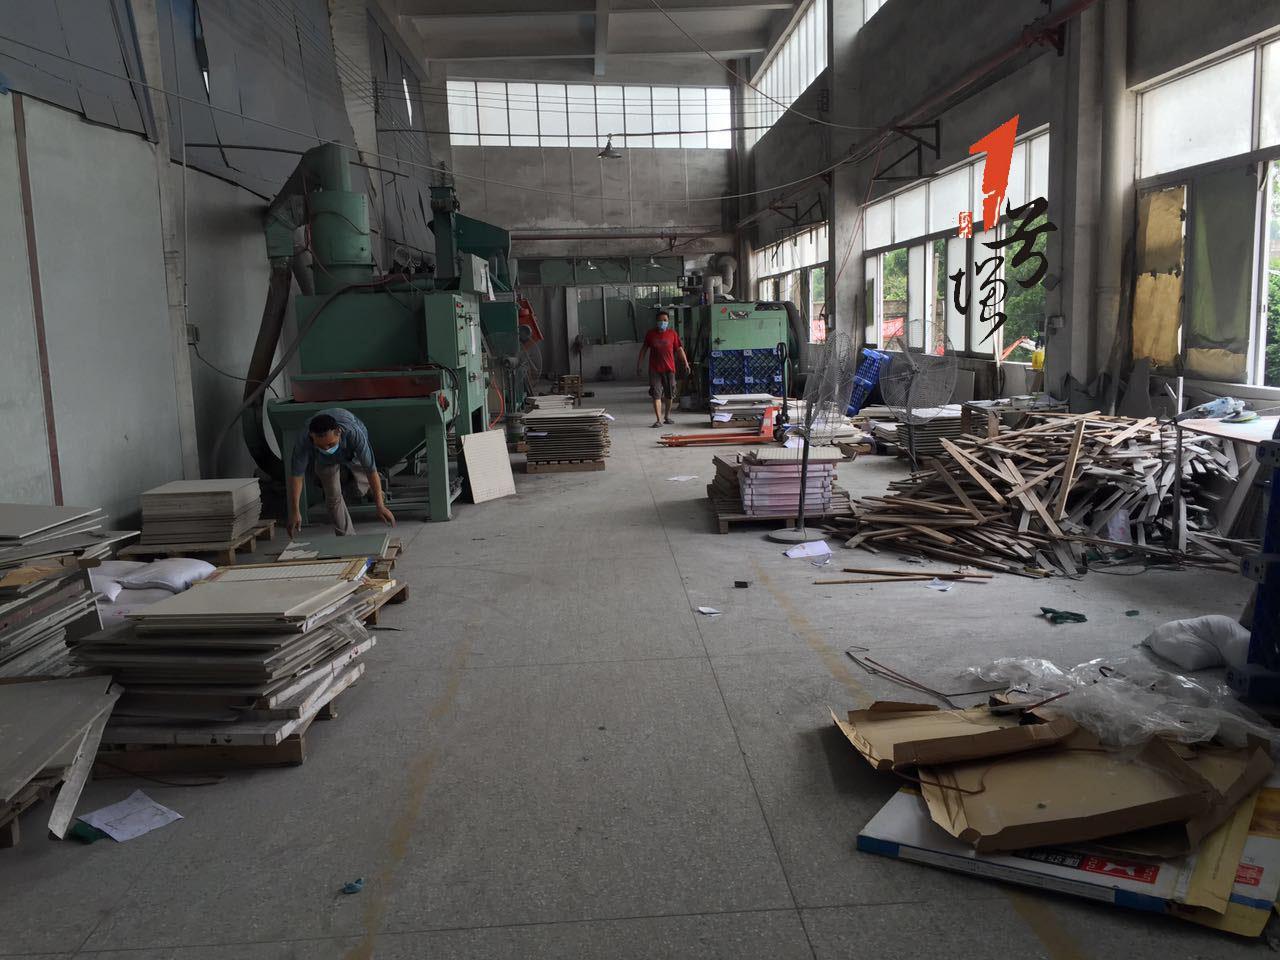 工厂喷砂一角背景墙厂家背景墙品牌背景墙生产厂家瓷砖背景墙厂家